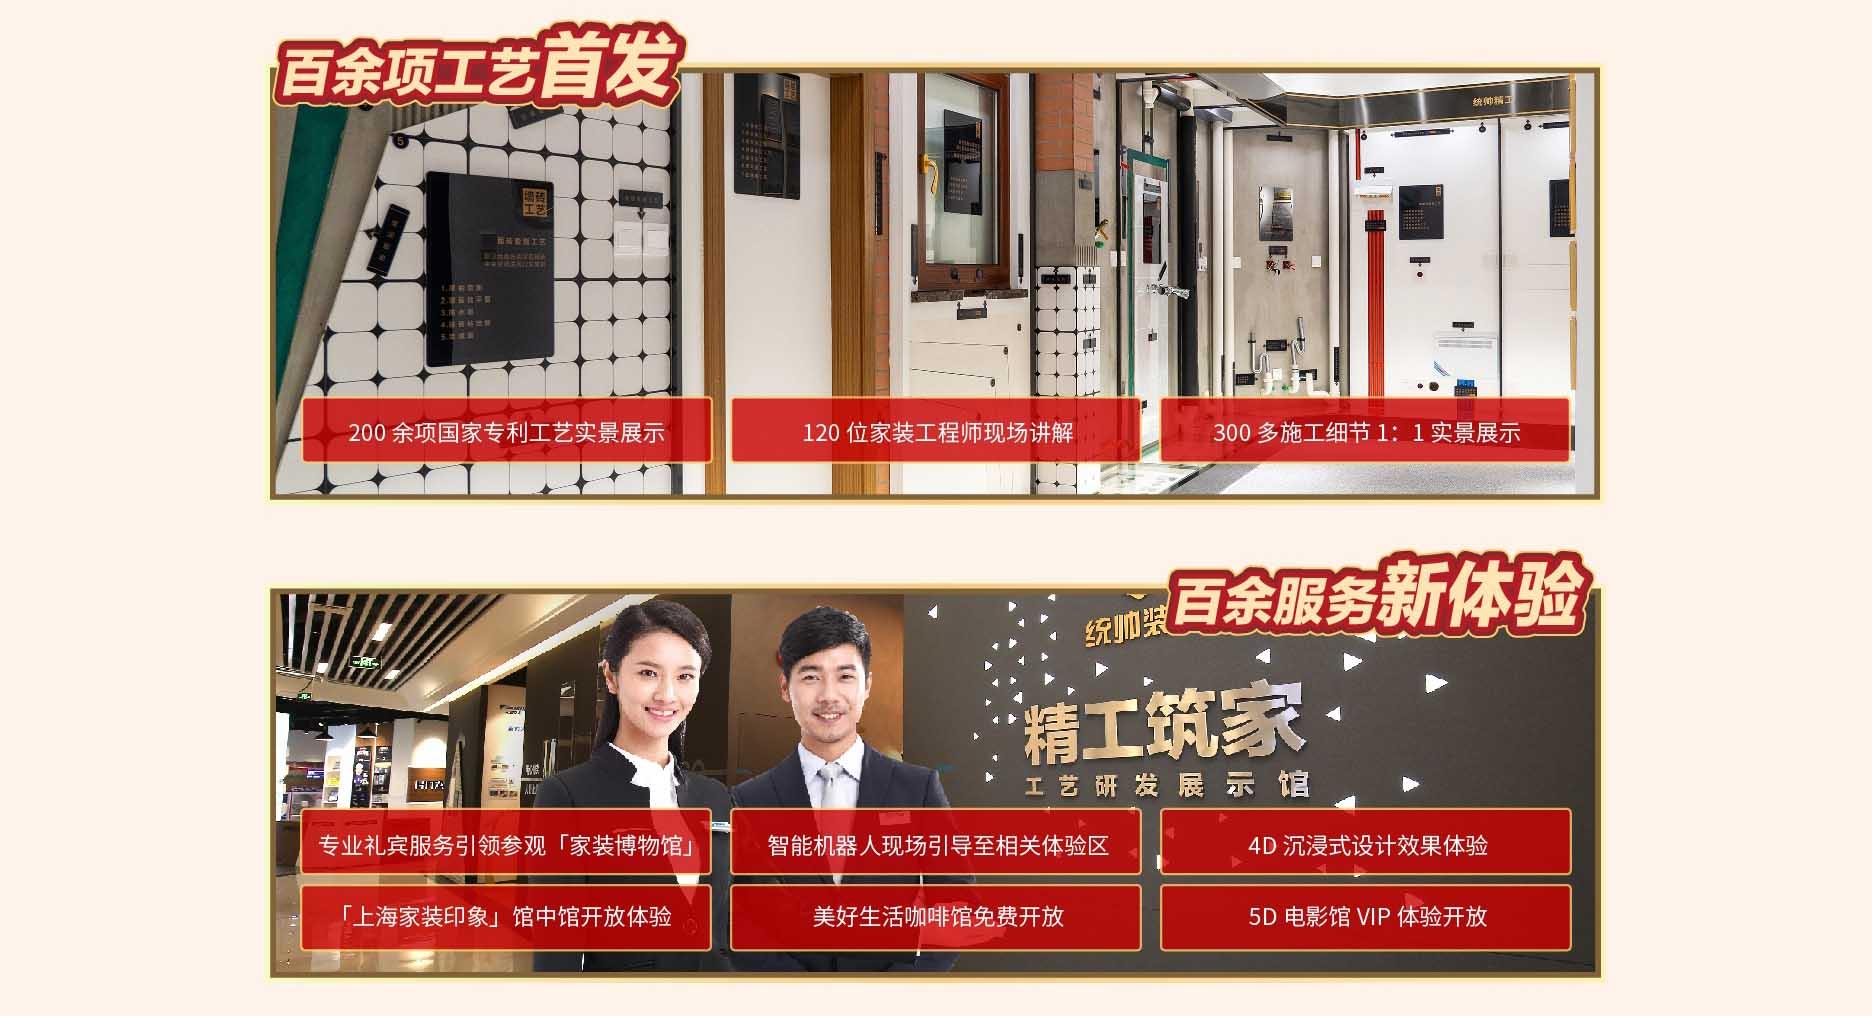 上海装修博览会2021工艺展